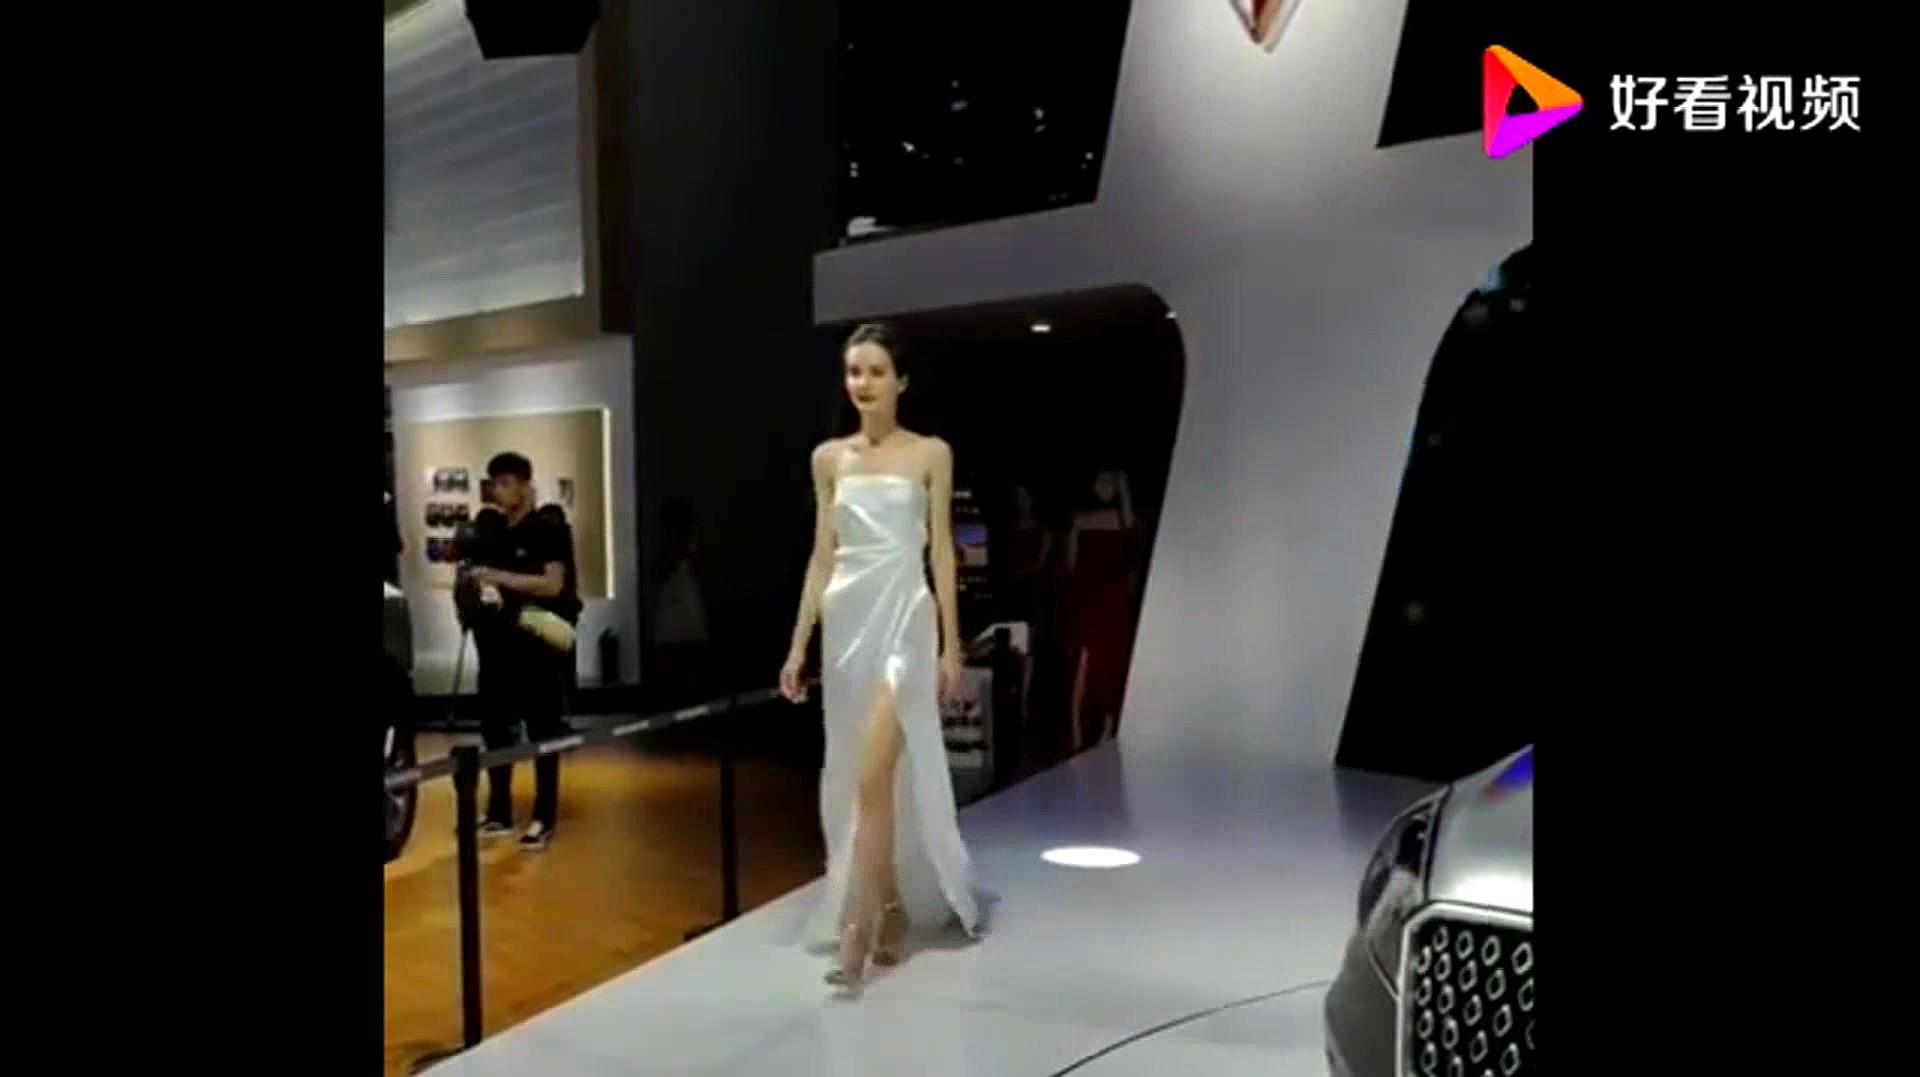 这是我见过最好看的走秀,一袭白裙太仙气了,看一眼就很难忘!